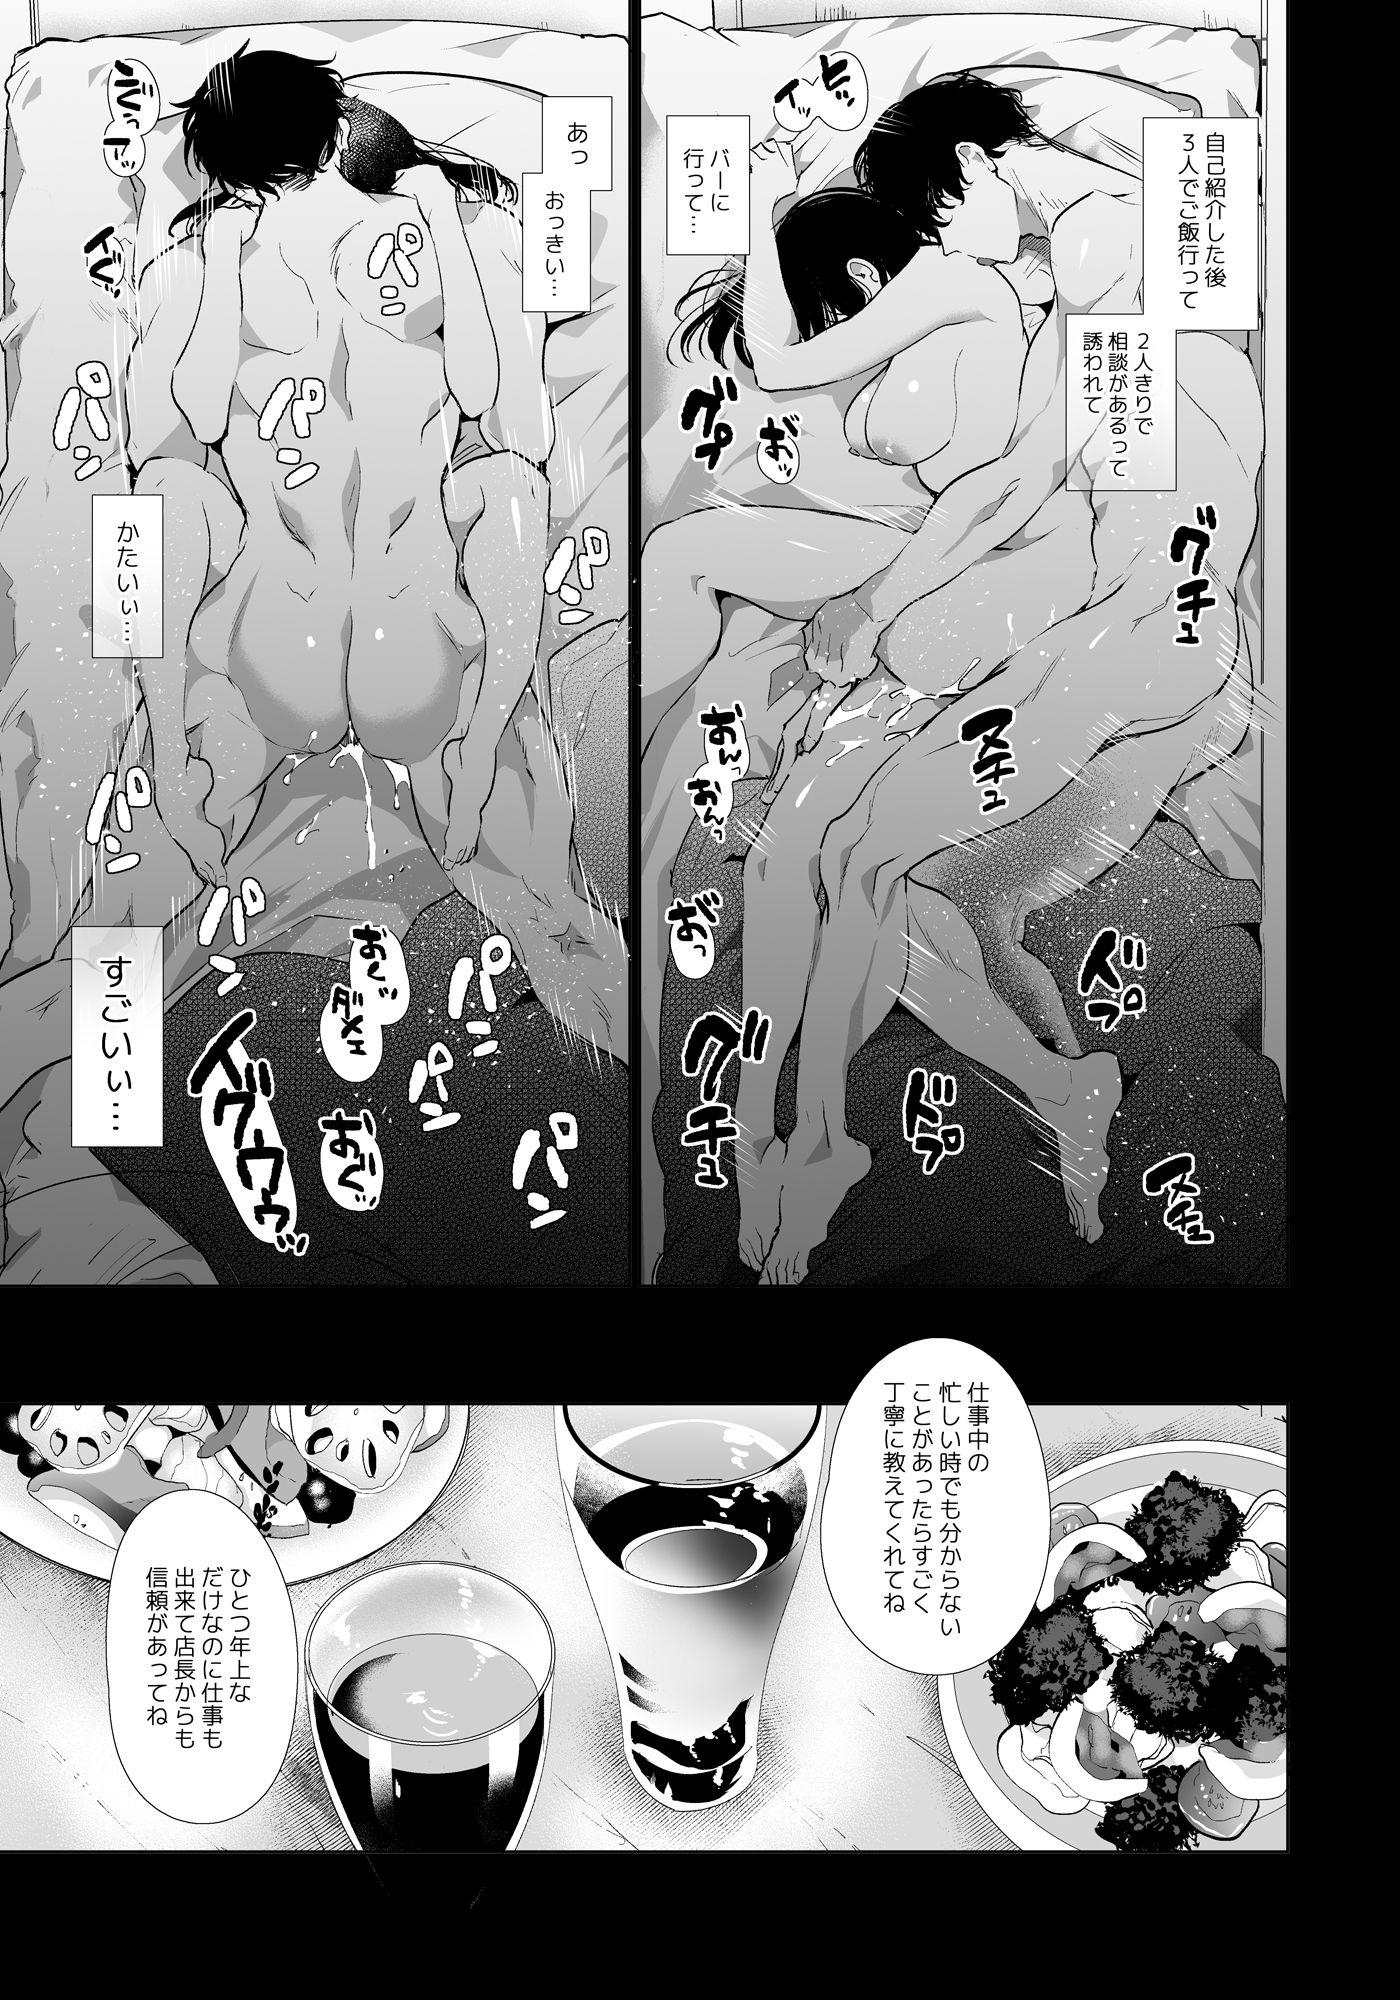 【同人コミック・エロ漫画】ゆきちゃんNTR 彼女がメスに堕ちるまで[Yatomomin]#3